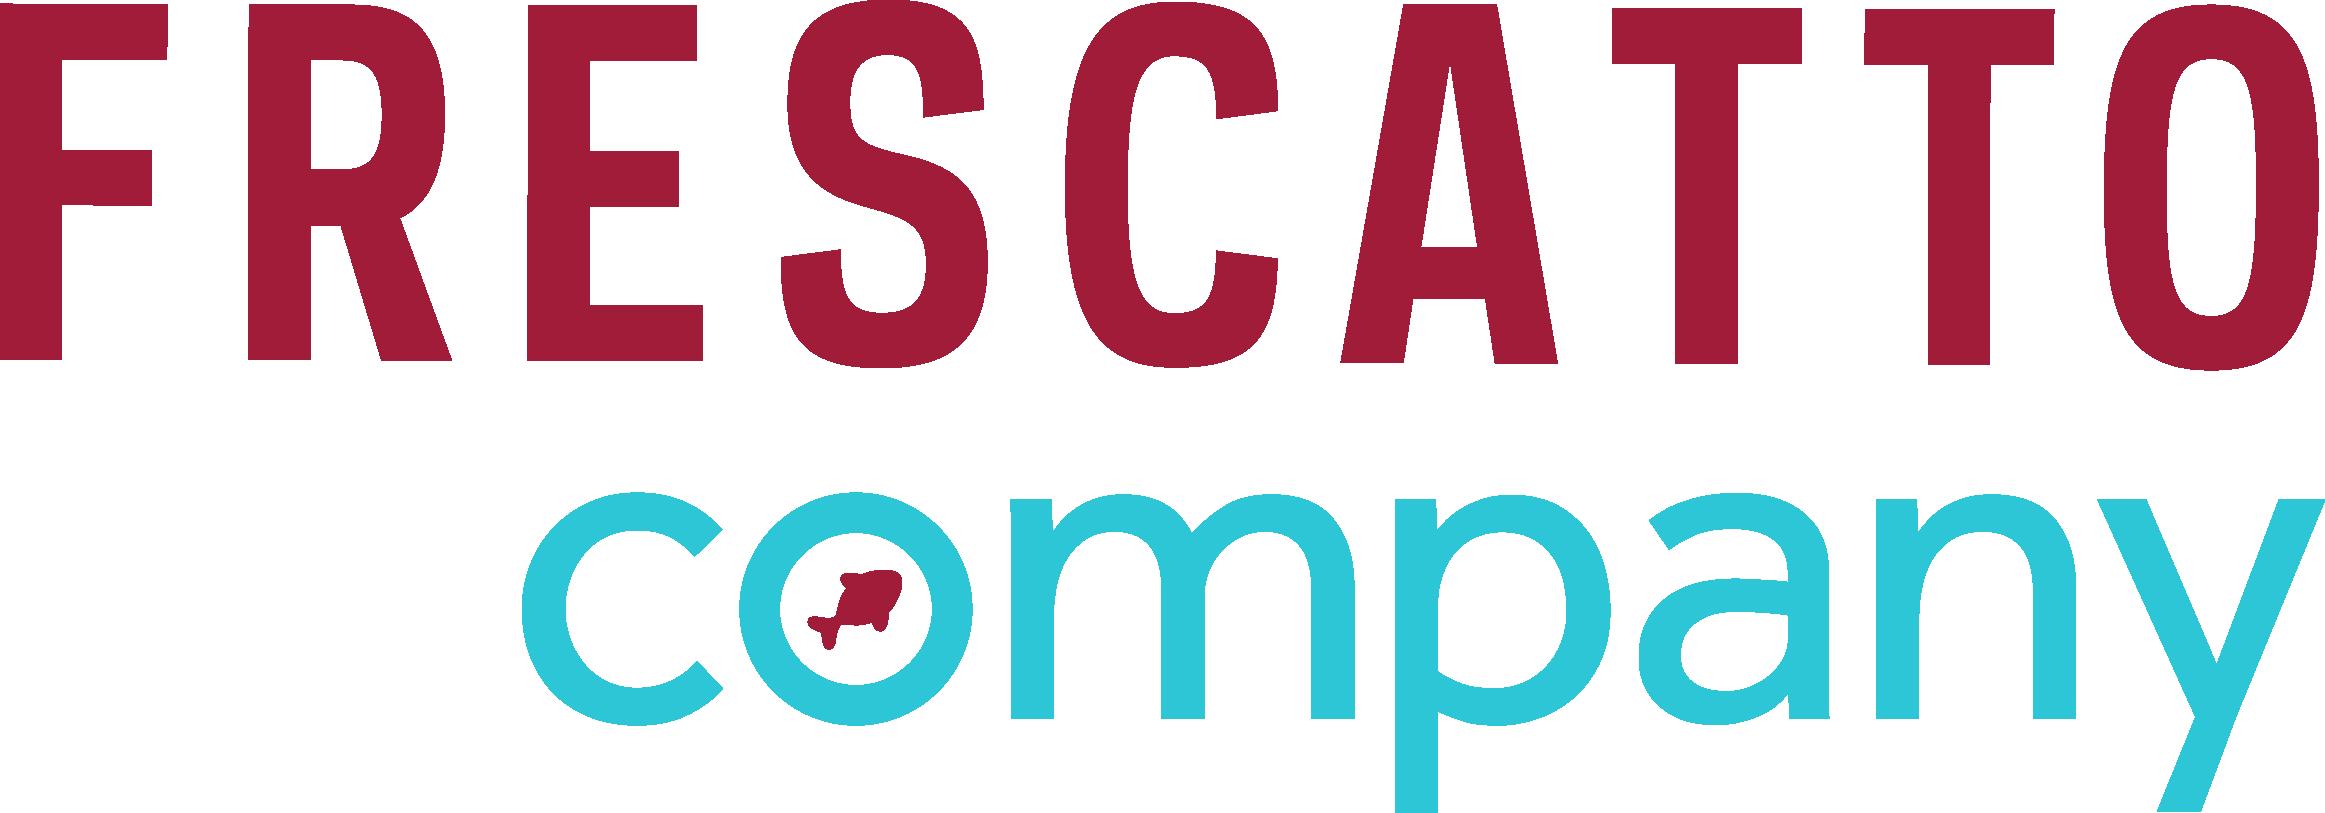 Frescatto Company